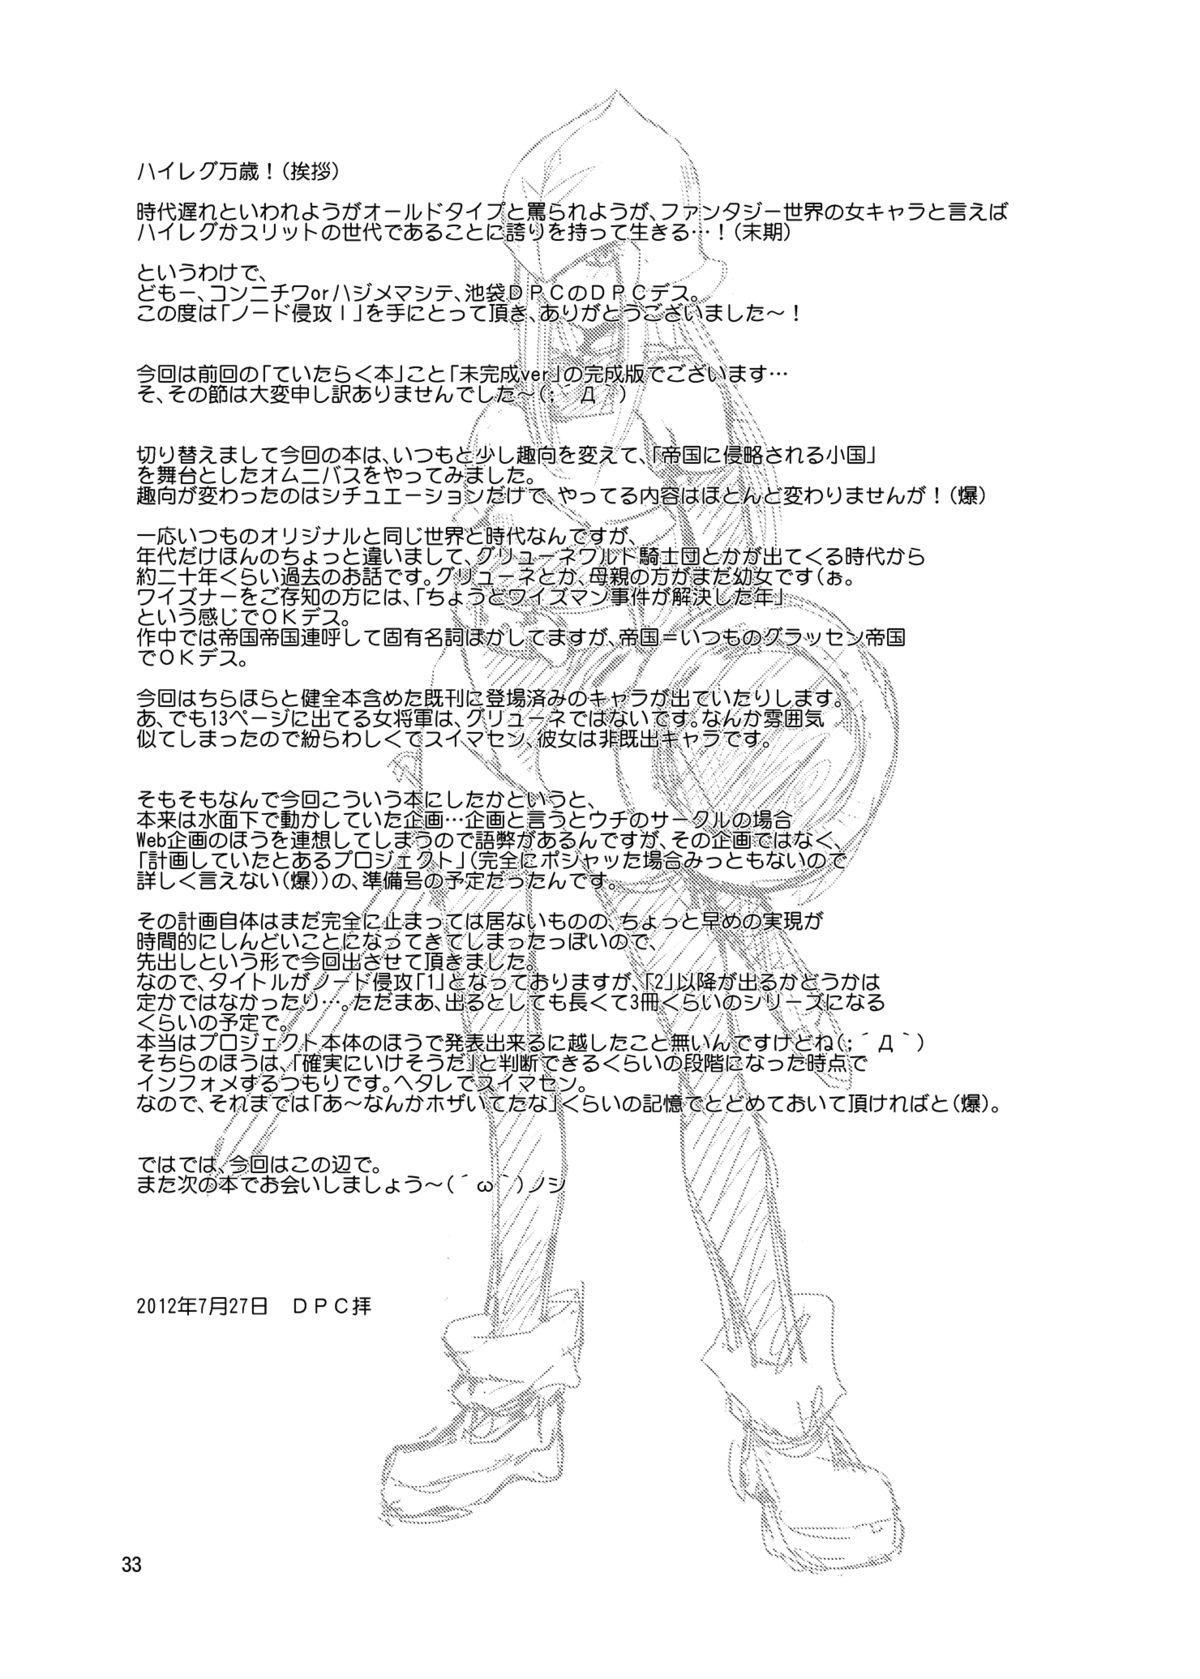 GRASSEN'S WAR ANOTHER STORY Ex #01 Node Shinkou I 32